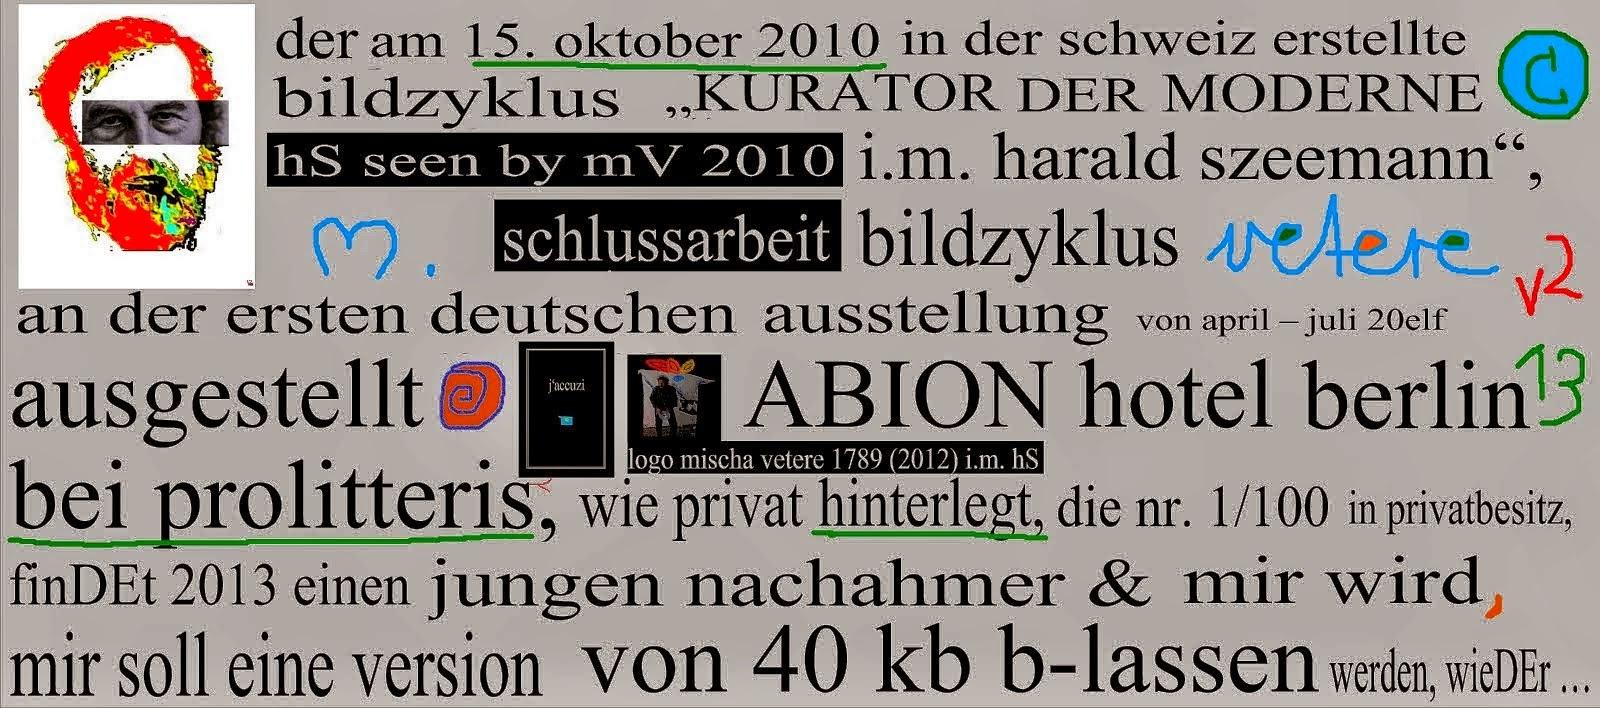 deutsche telekom it stalk seit kündigUNg by ra post 2 computerabstürze DE gravE 2012 mit €2.56mtl